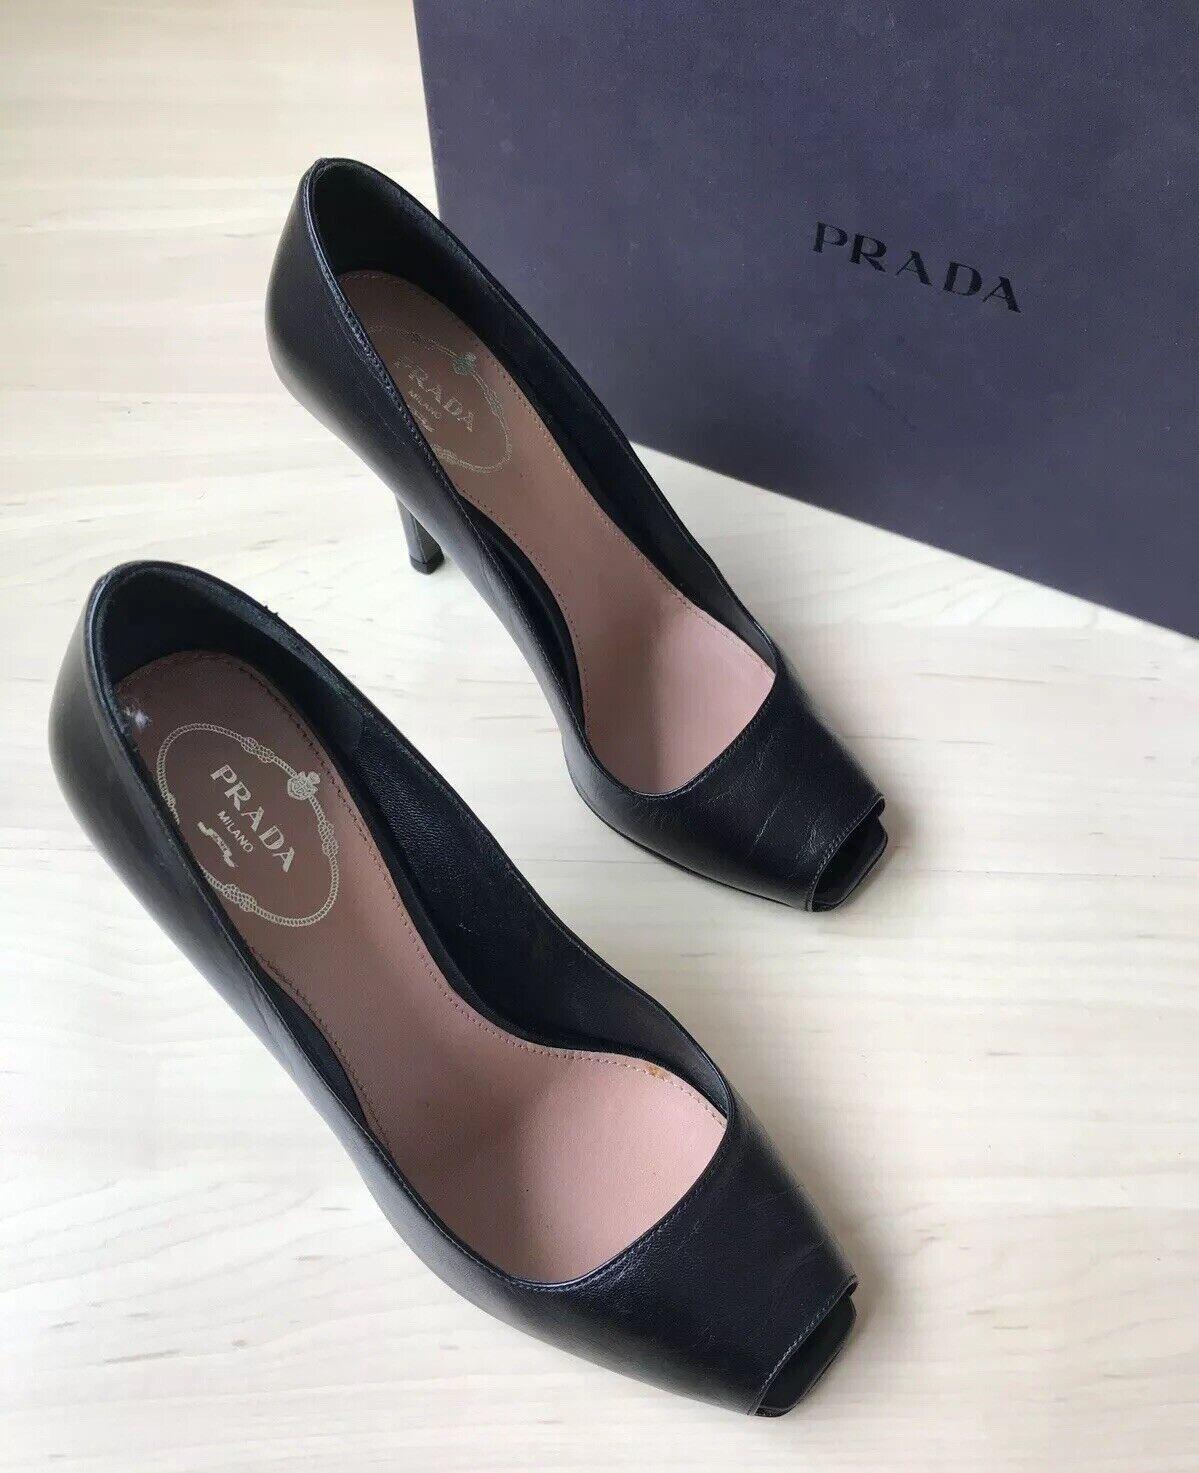 Prada Haiyou Stylish Black Leather Peep-Toe Pumps   (Size  5)